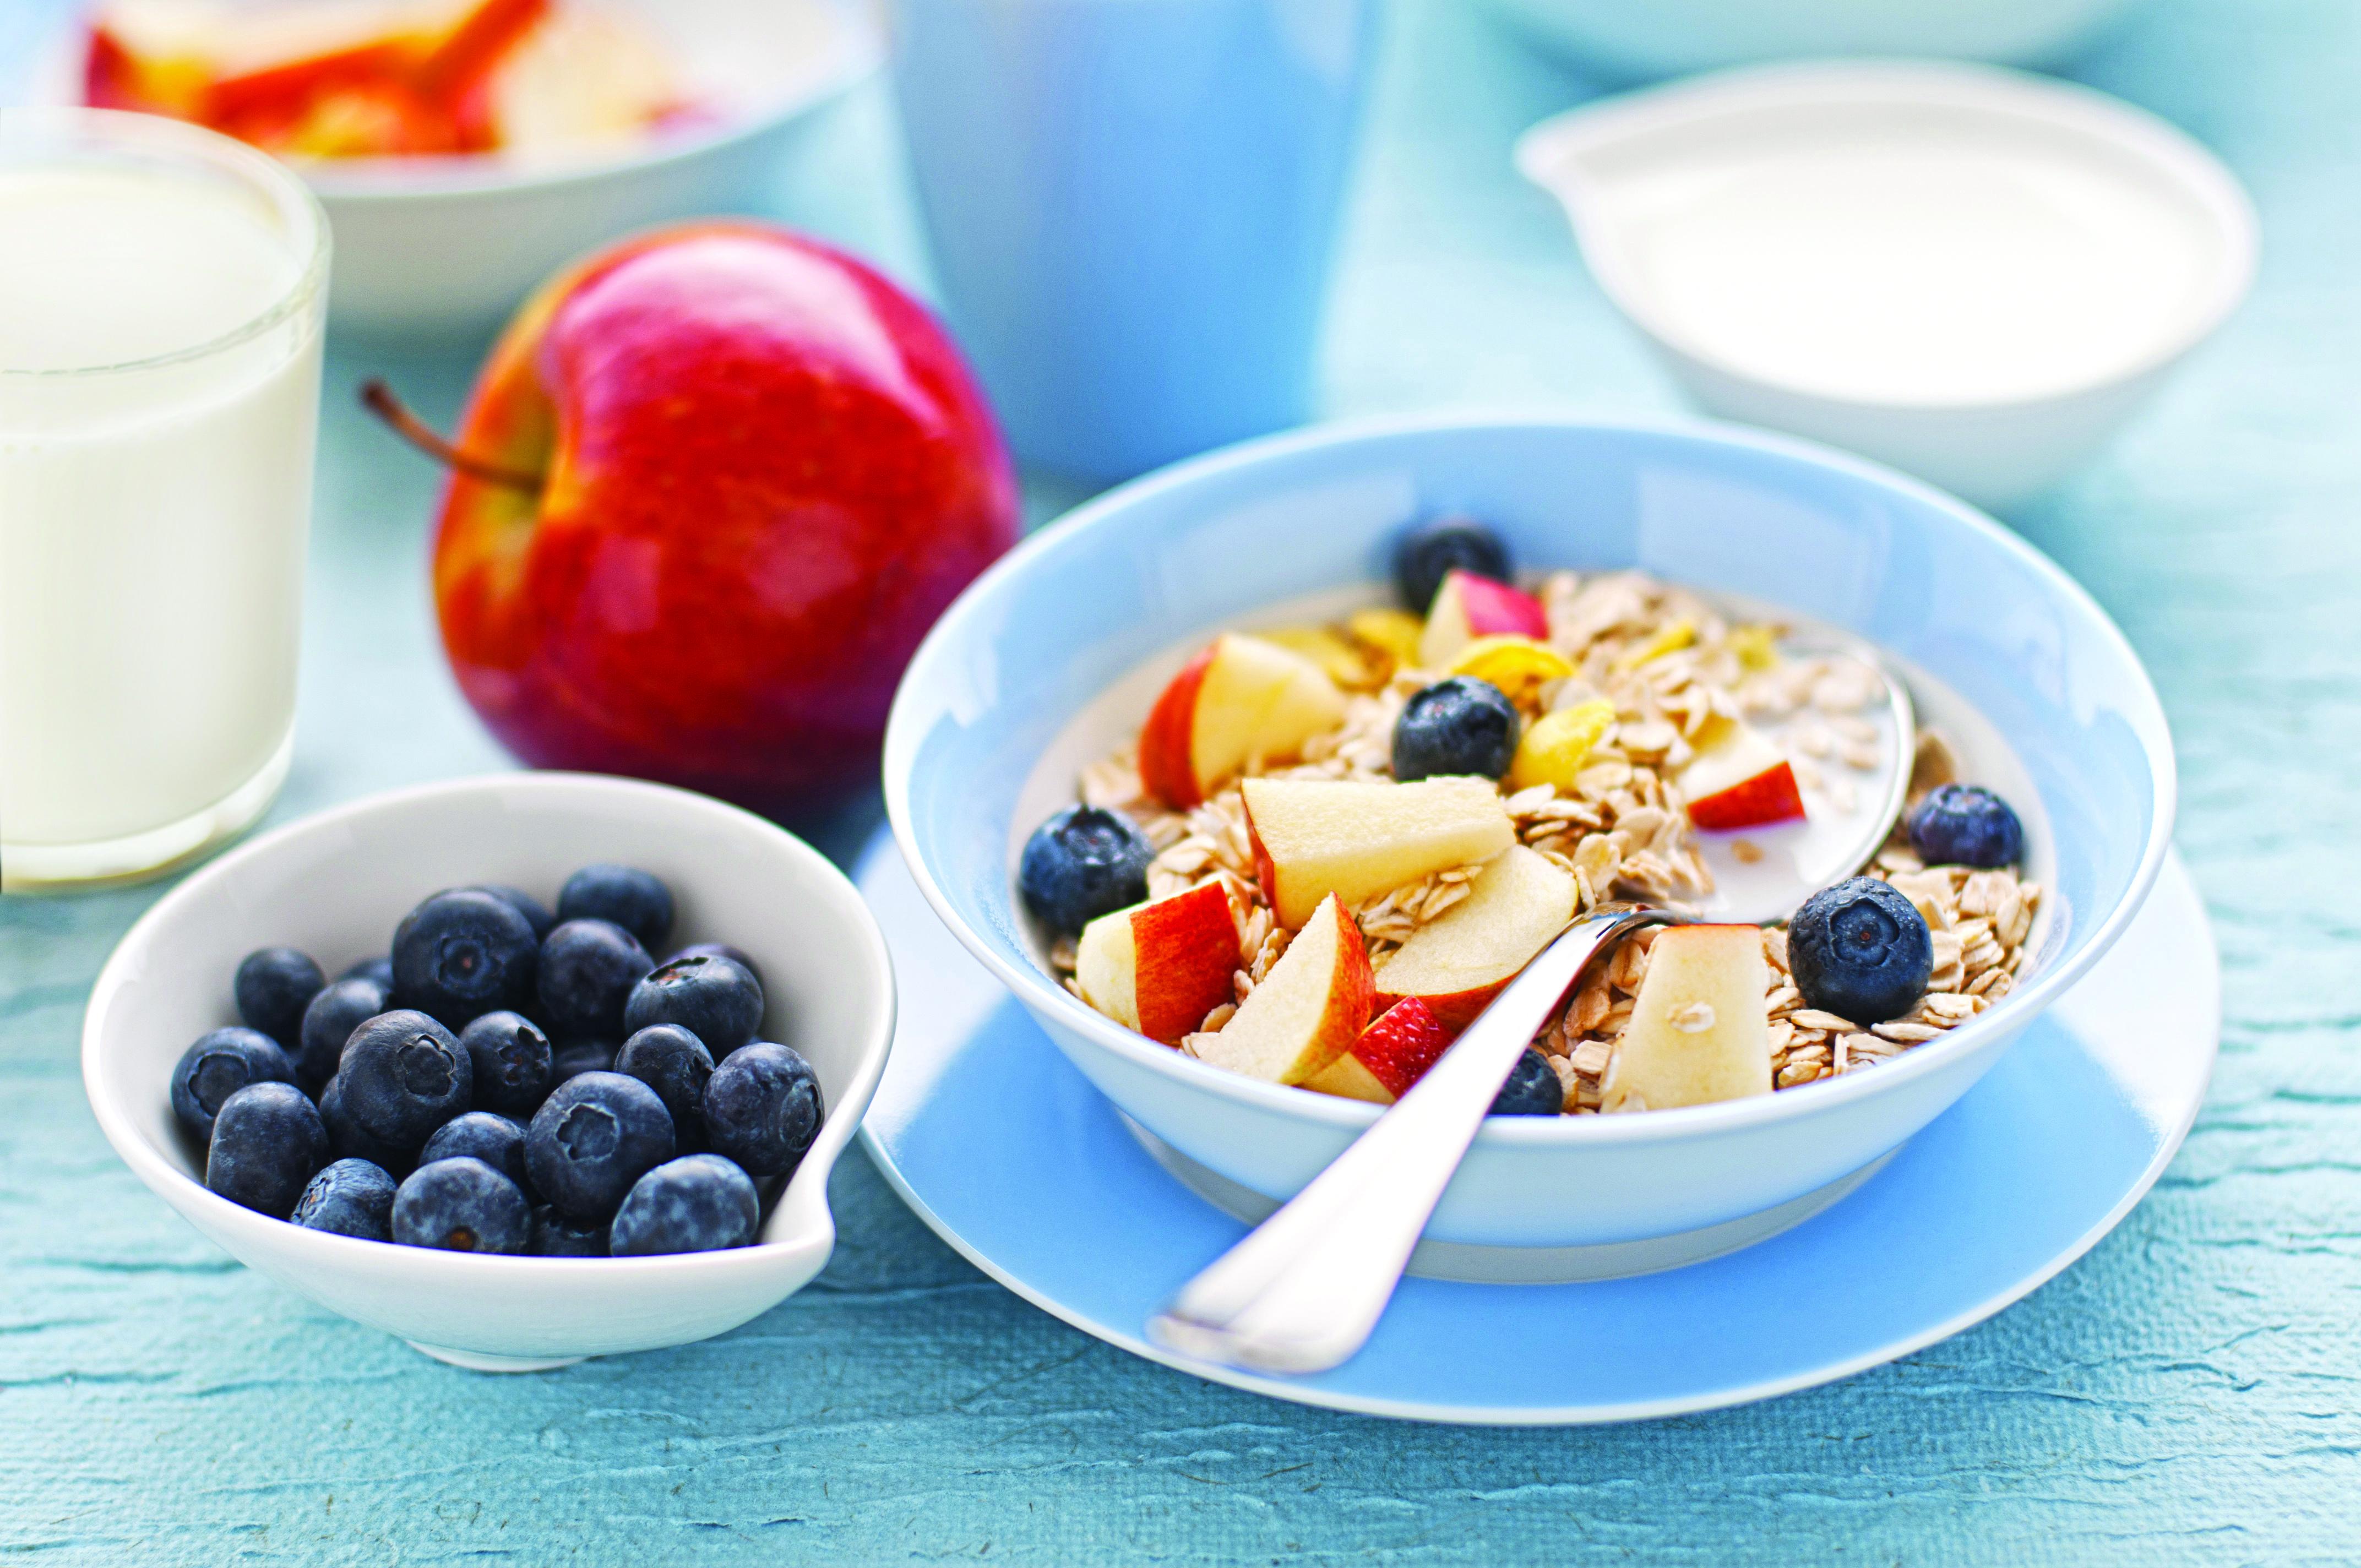 Làm đủ 4 việc này mỗi sáng khi thức dậy, đảm bảo cơ thể khỏe đẹp suốt cả ngày - Ảnh 4.